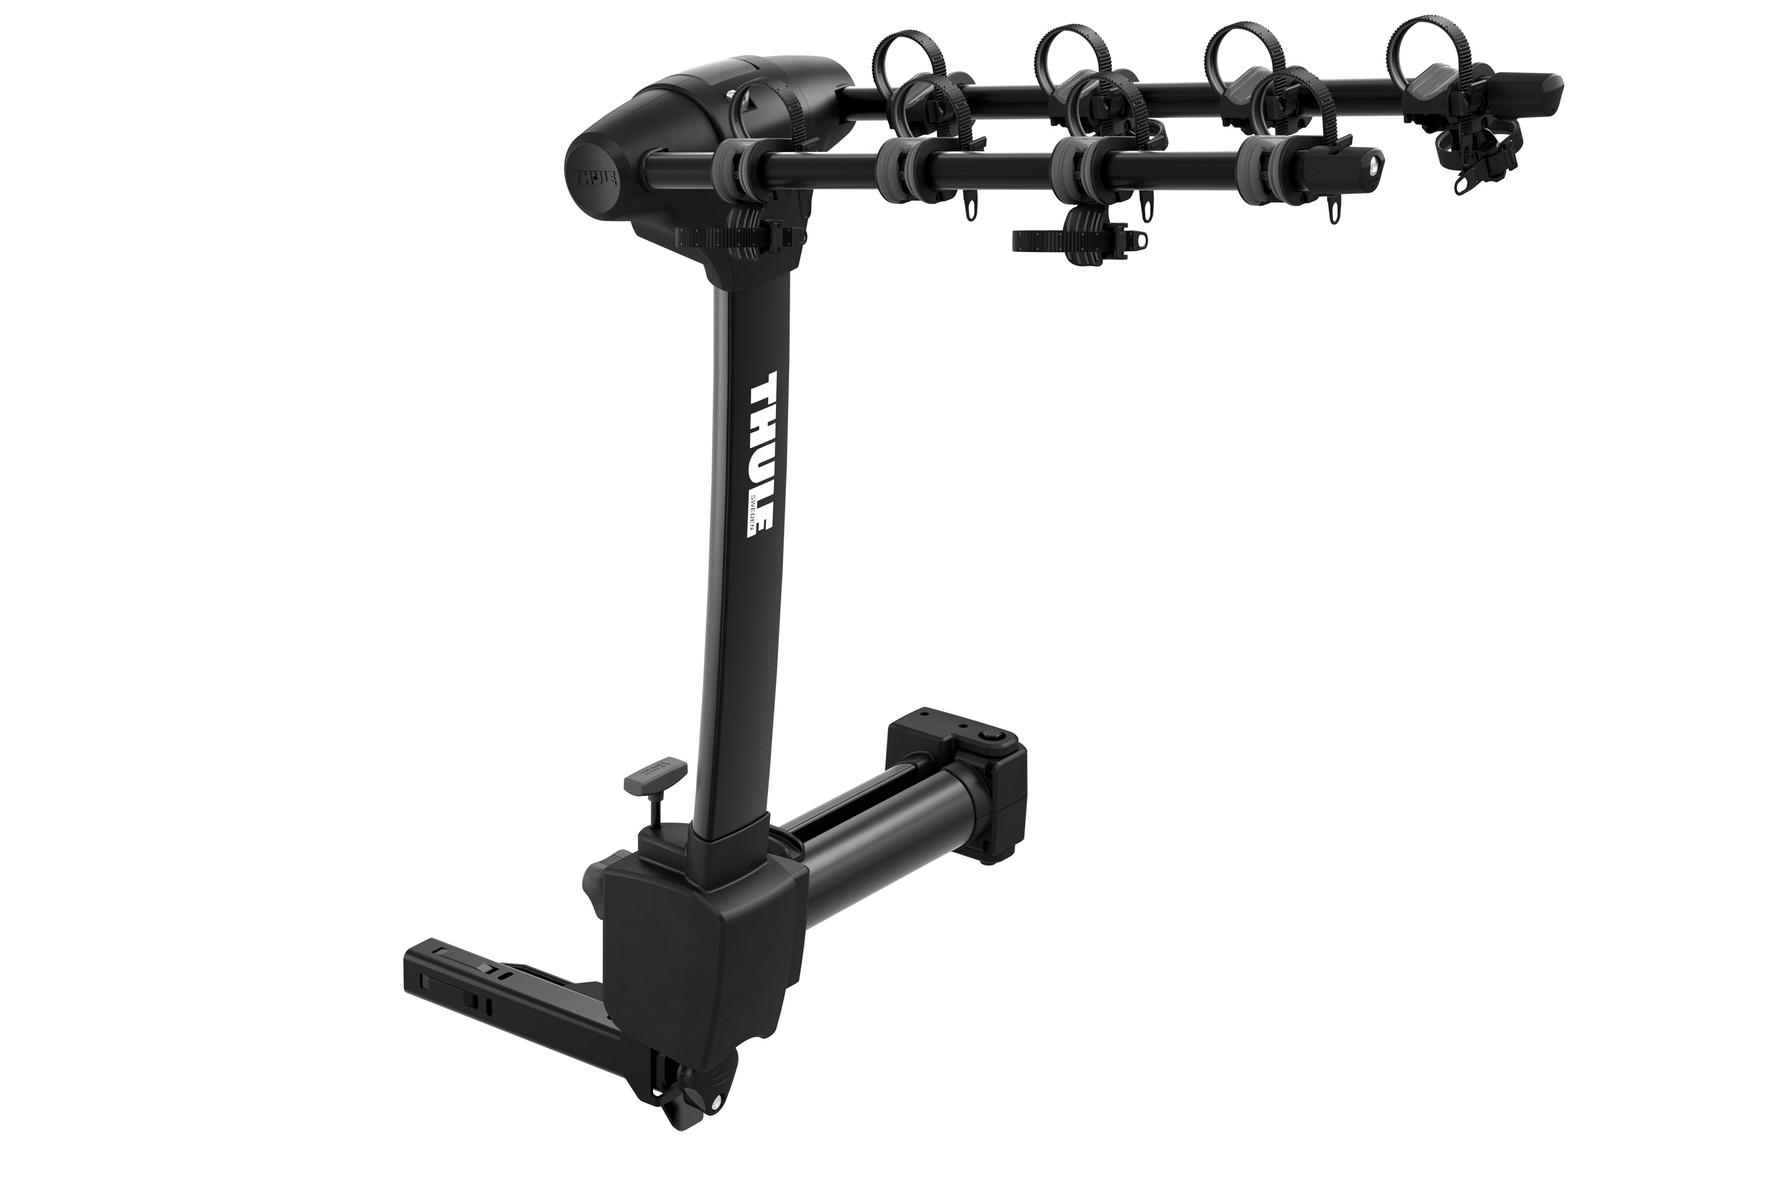 Suporte Engate Thule Apex XT Swing -  4 Bicicletas - 9027XT